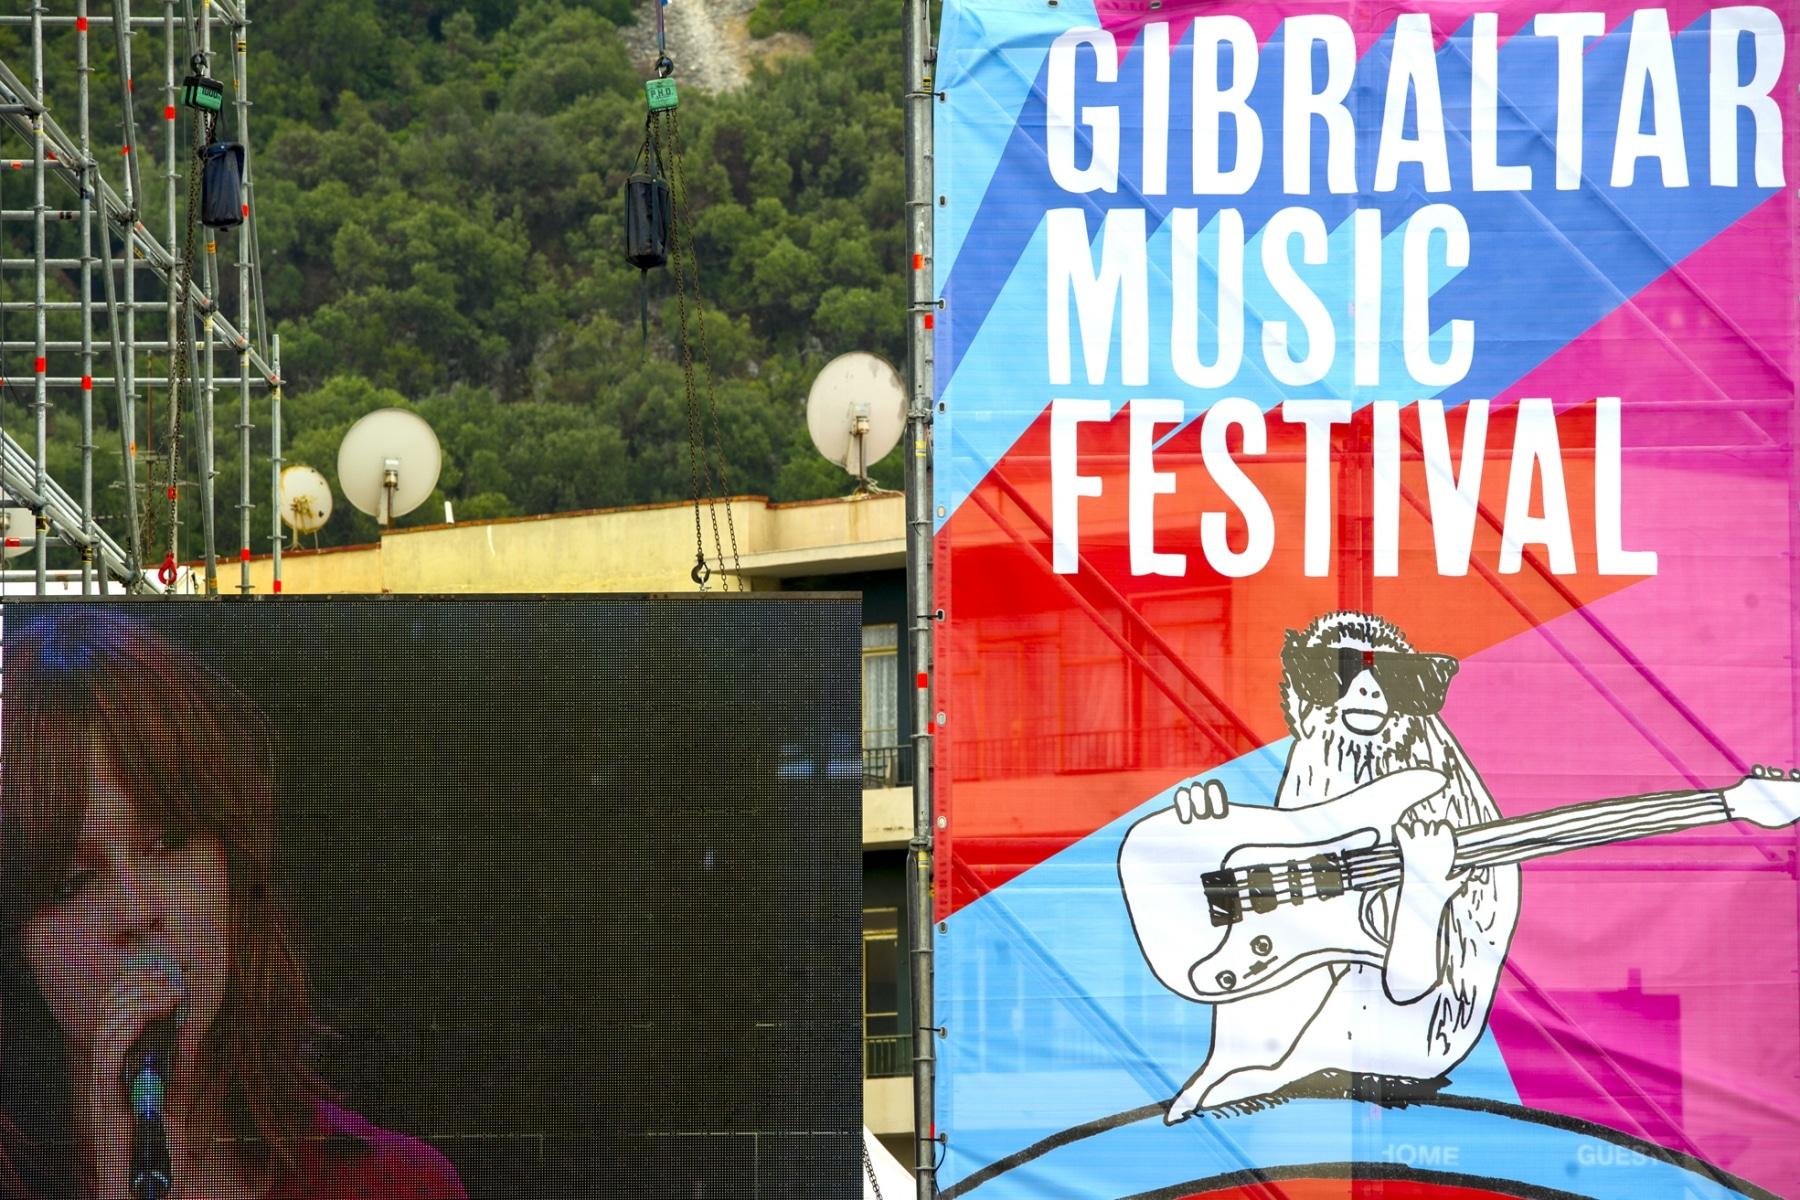 gibraltar-music-festival-2013_9699747177_o